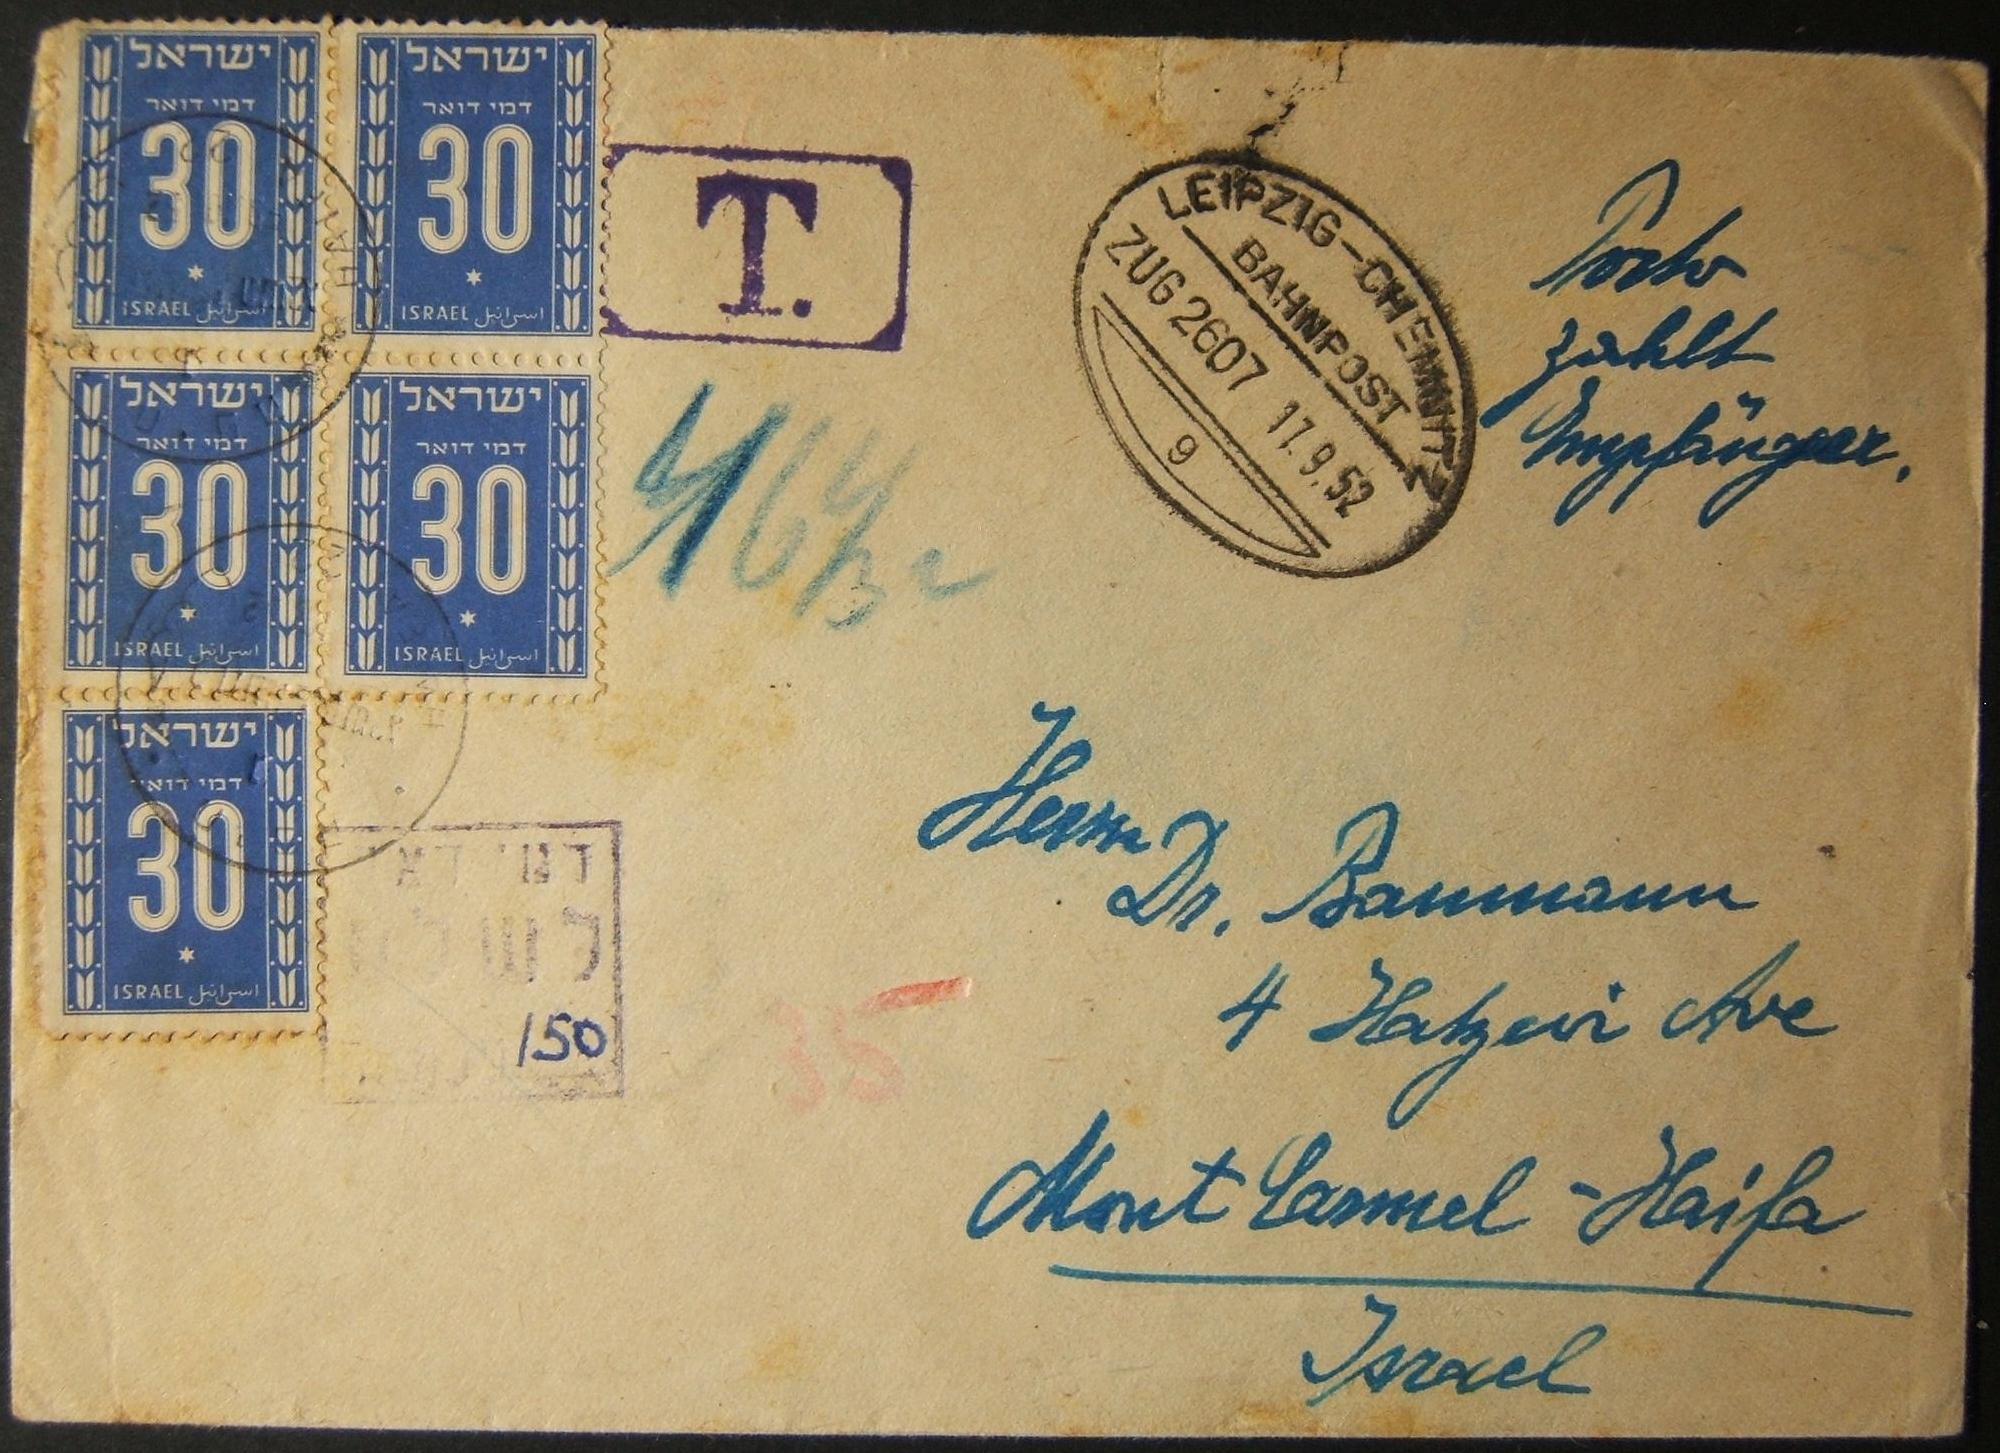 9/1952 غير خاضعة للبنطة EAR GERMAN يتم فرض ضريبة على البريد الإلكتروني باستخدام طوابع البريد متعددة الطوابع بقيمة 5 أضعاف